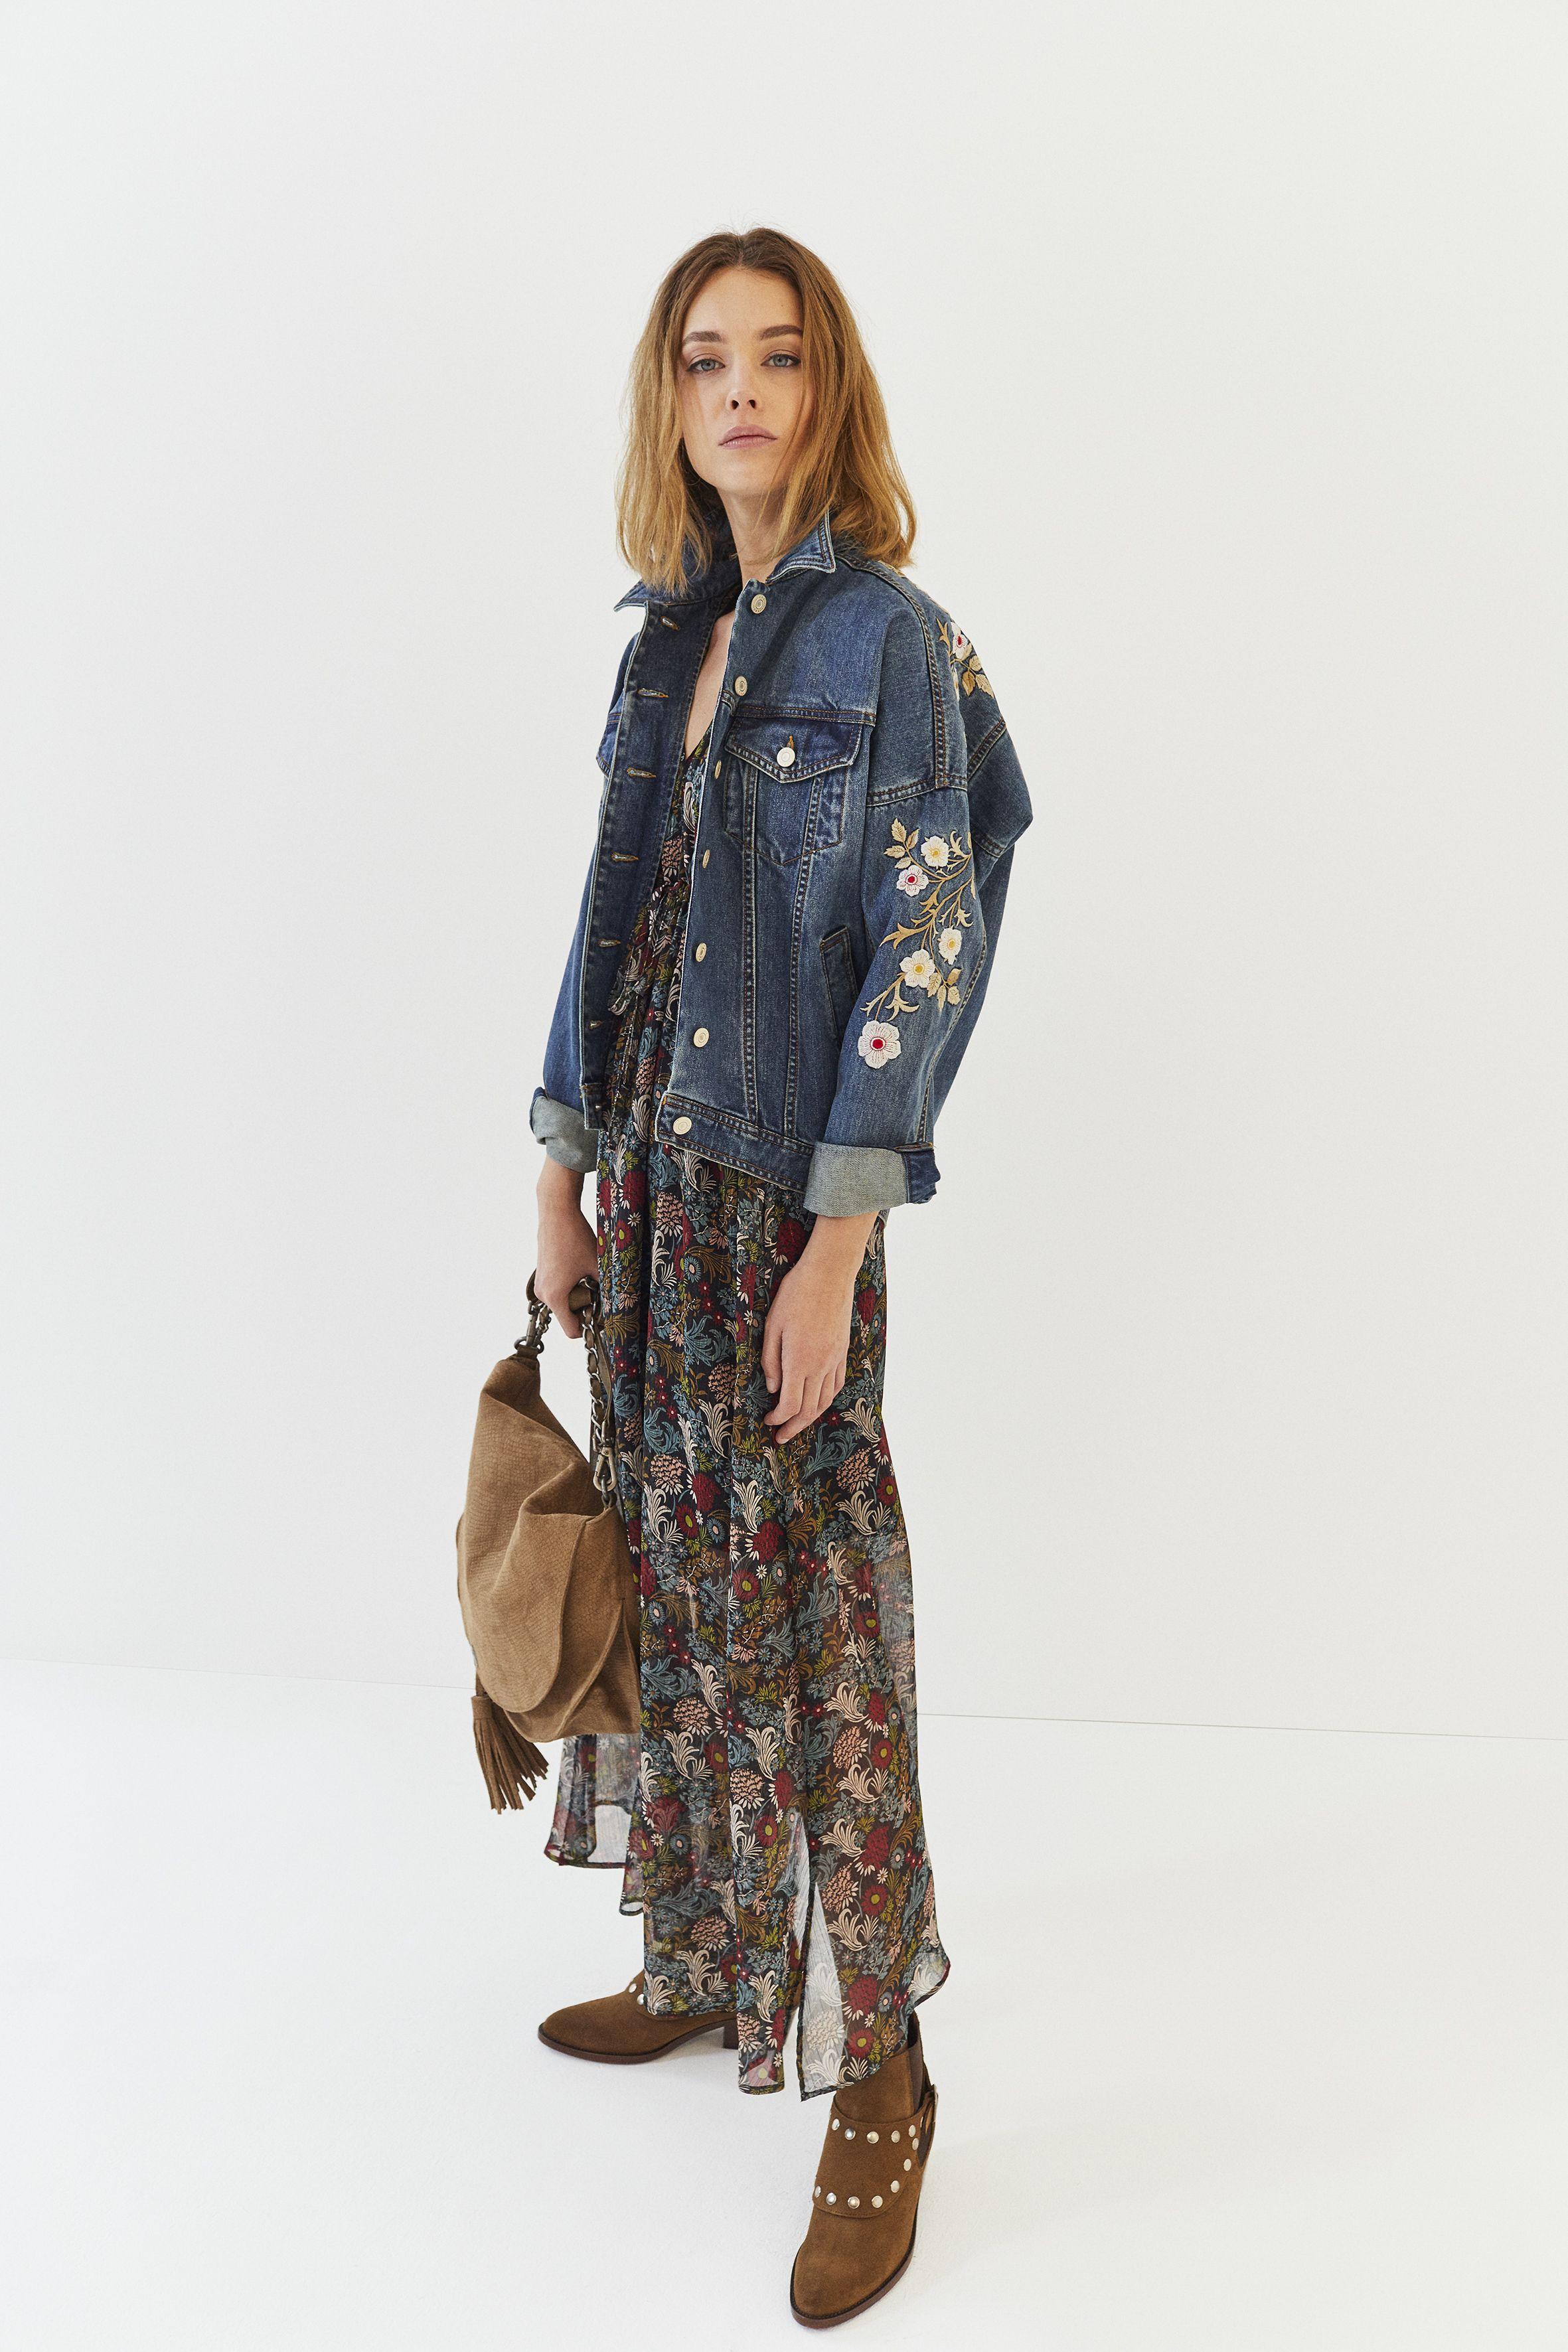 a0dd0e50e5ef0 Veste en jean brodée fleurs et robe longue en voile imprimé floral IKKS  Women, collection femme Automne hiver 2017  womenstyle  FW17